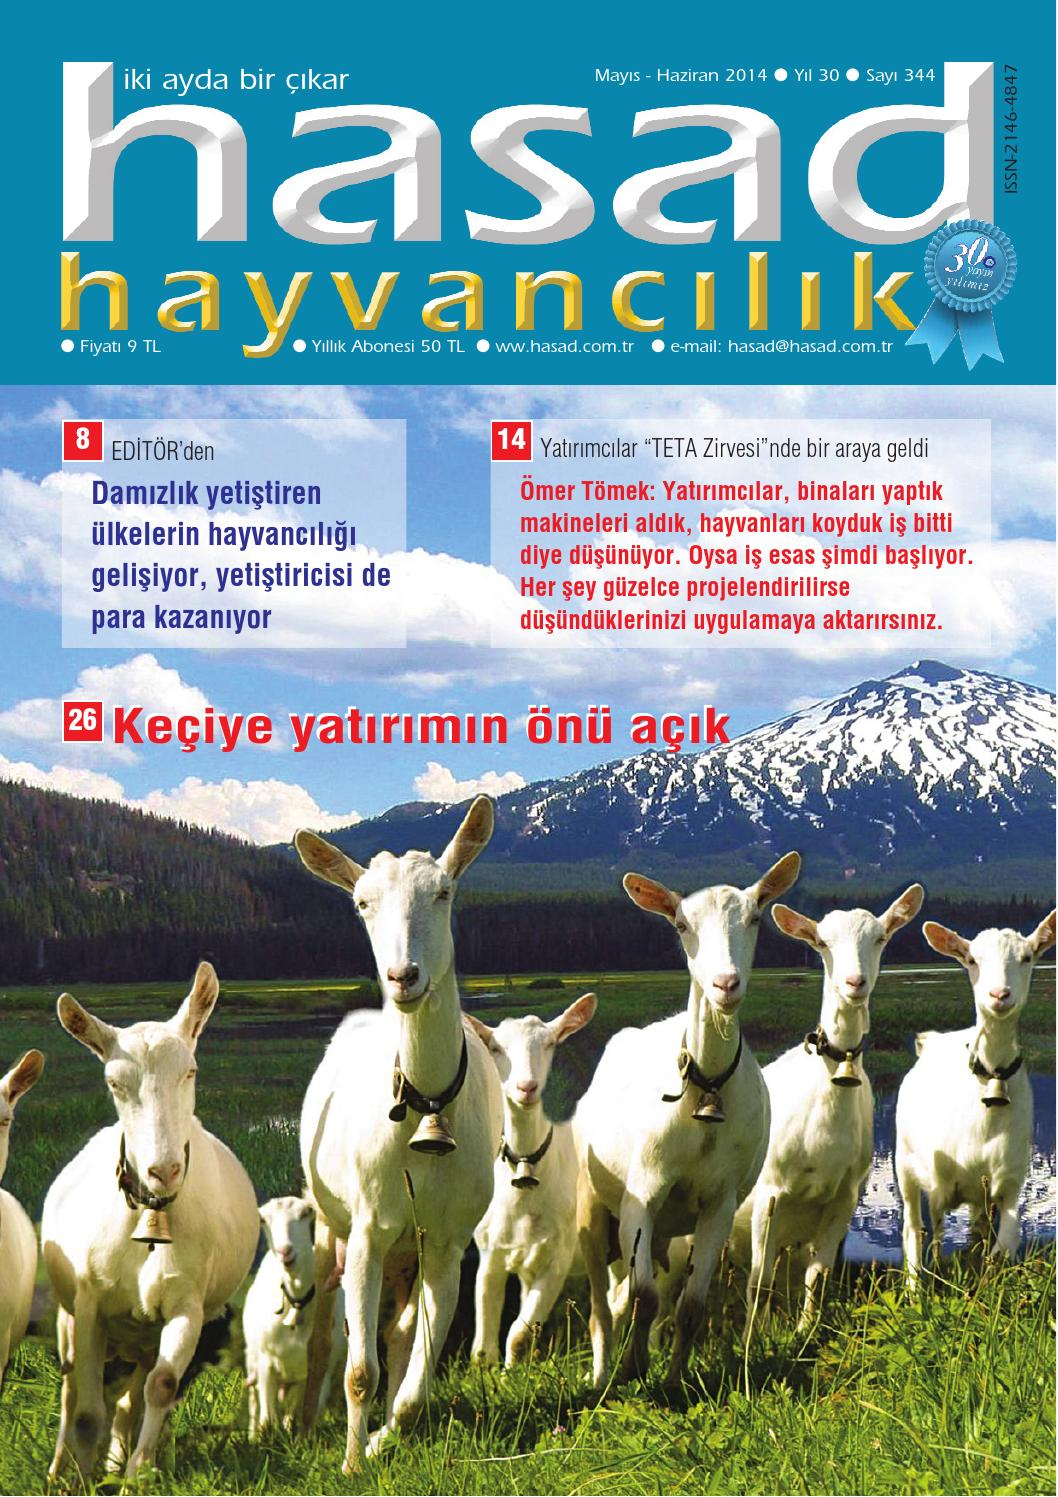 Hasad Hayvancilik Mayis 2014 by Hasad Yayıncılık - issuu